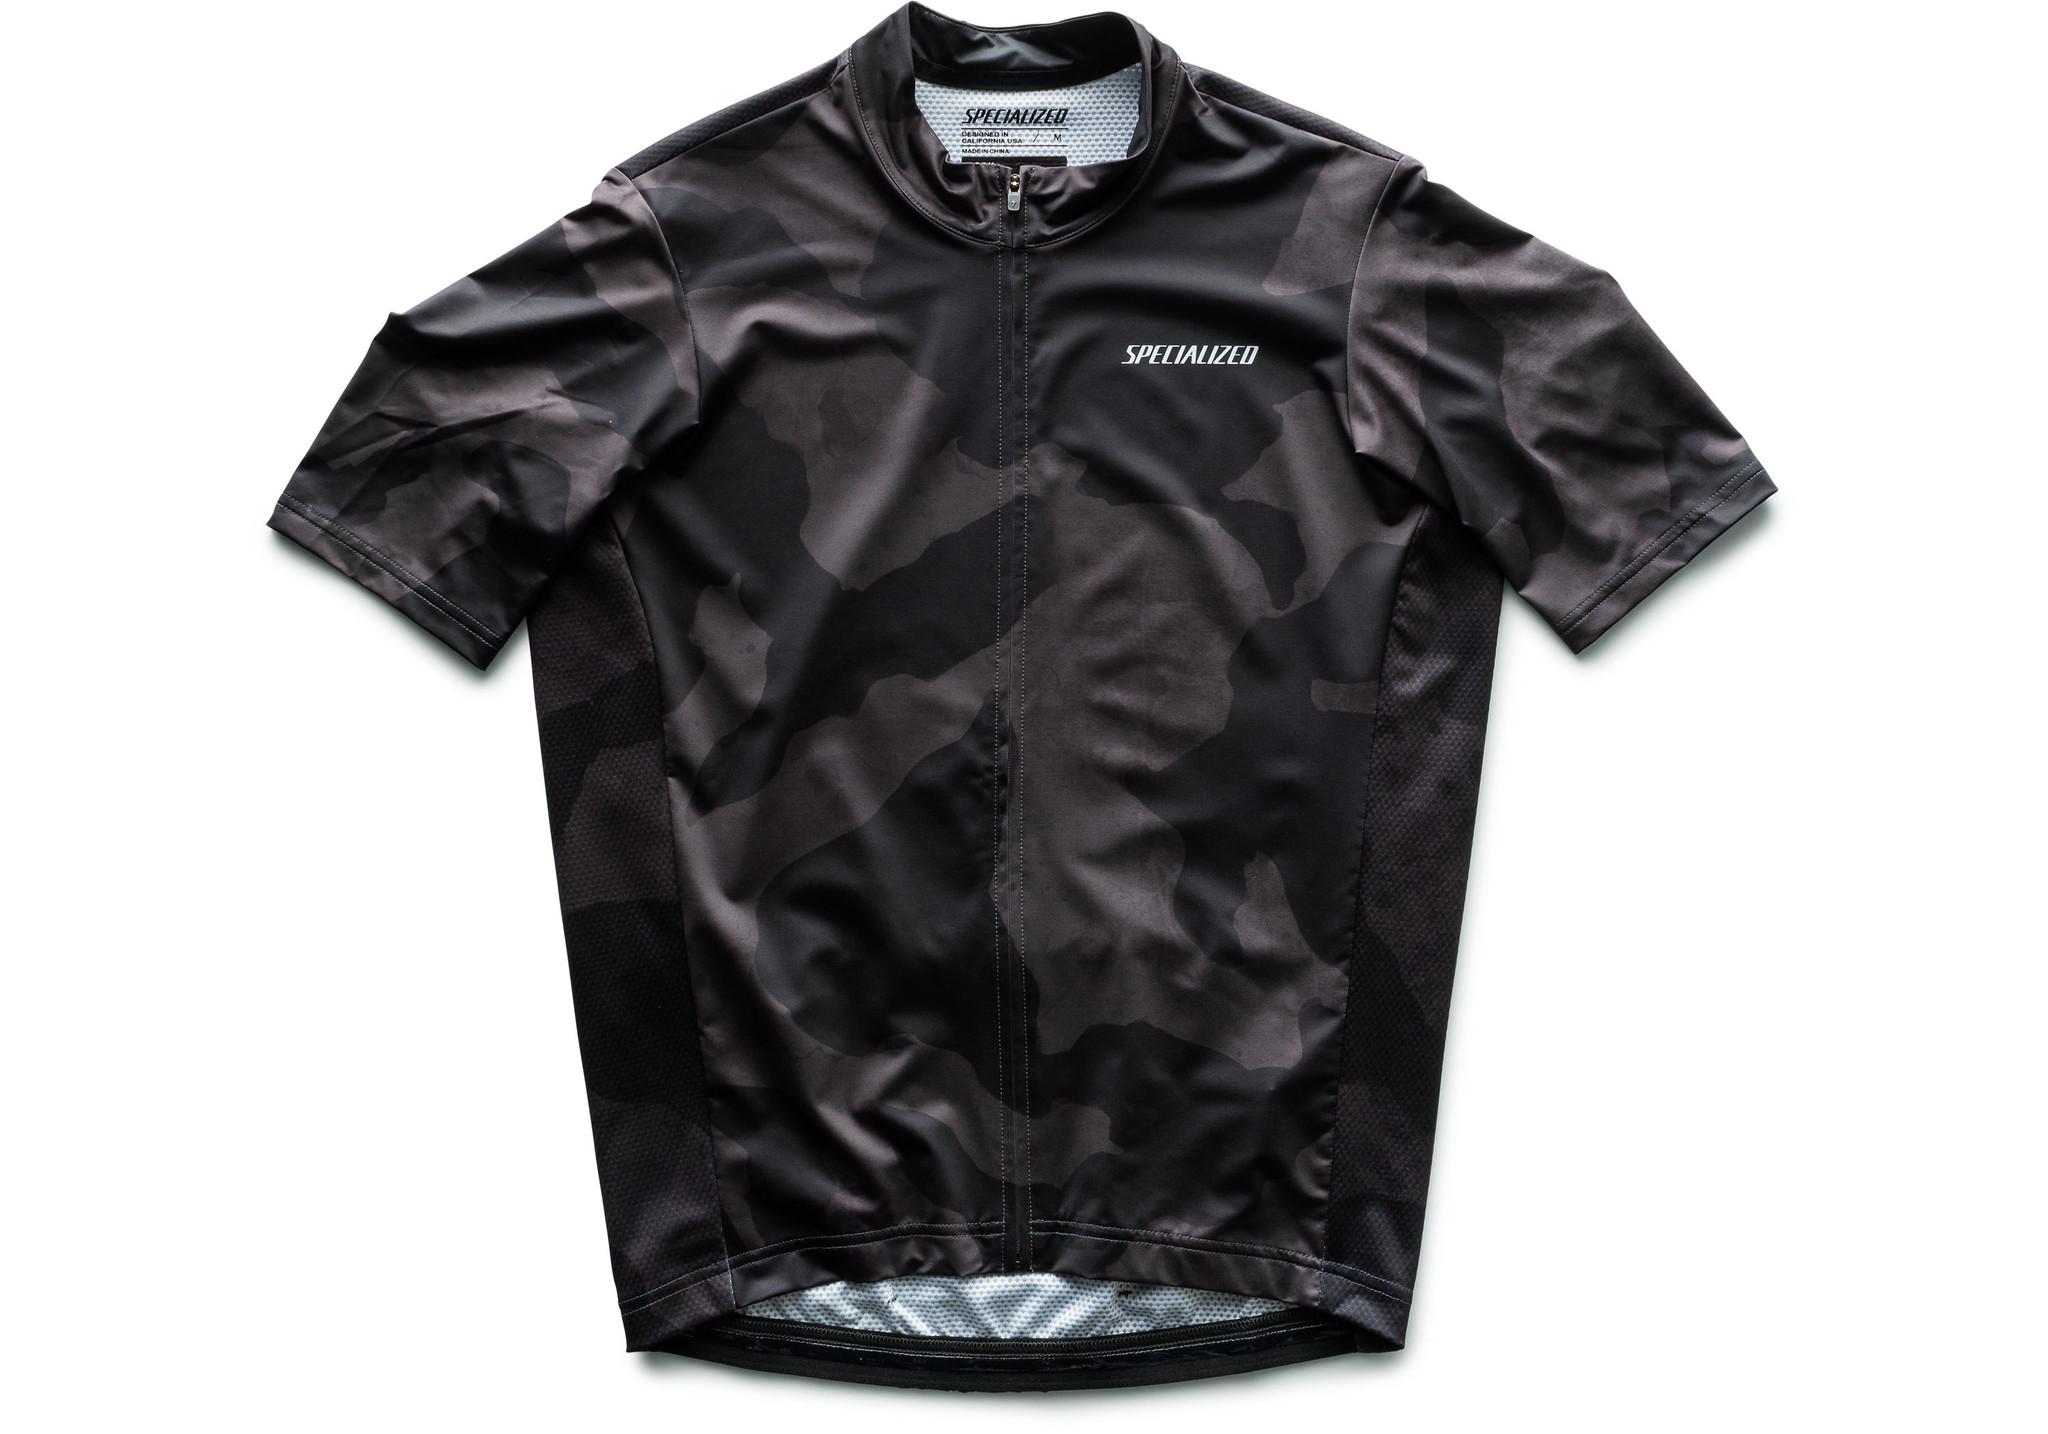 Specialized Specialized RBX Jersey